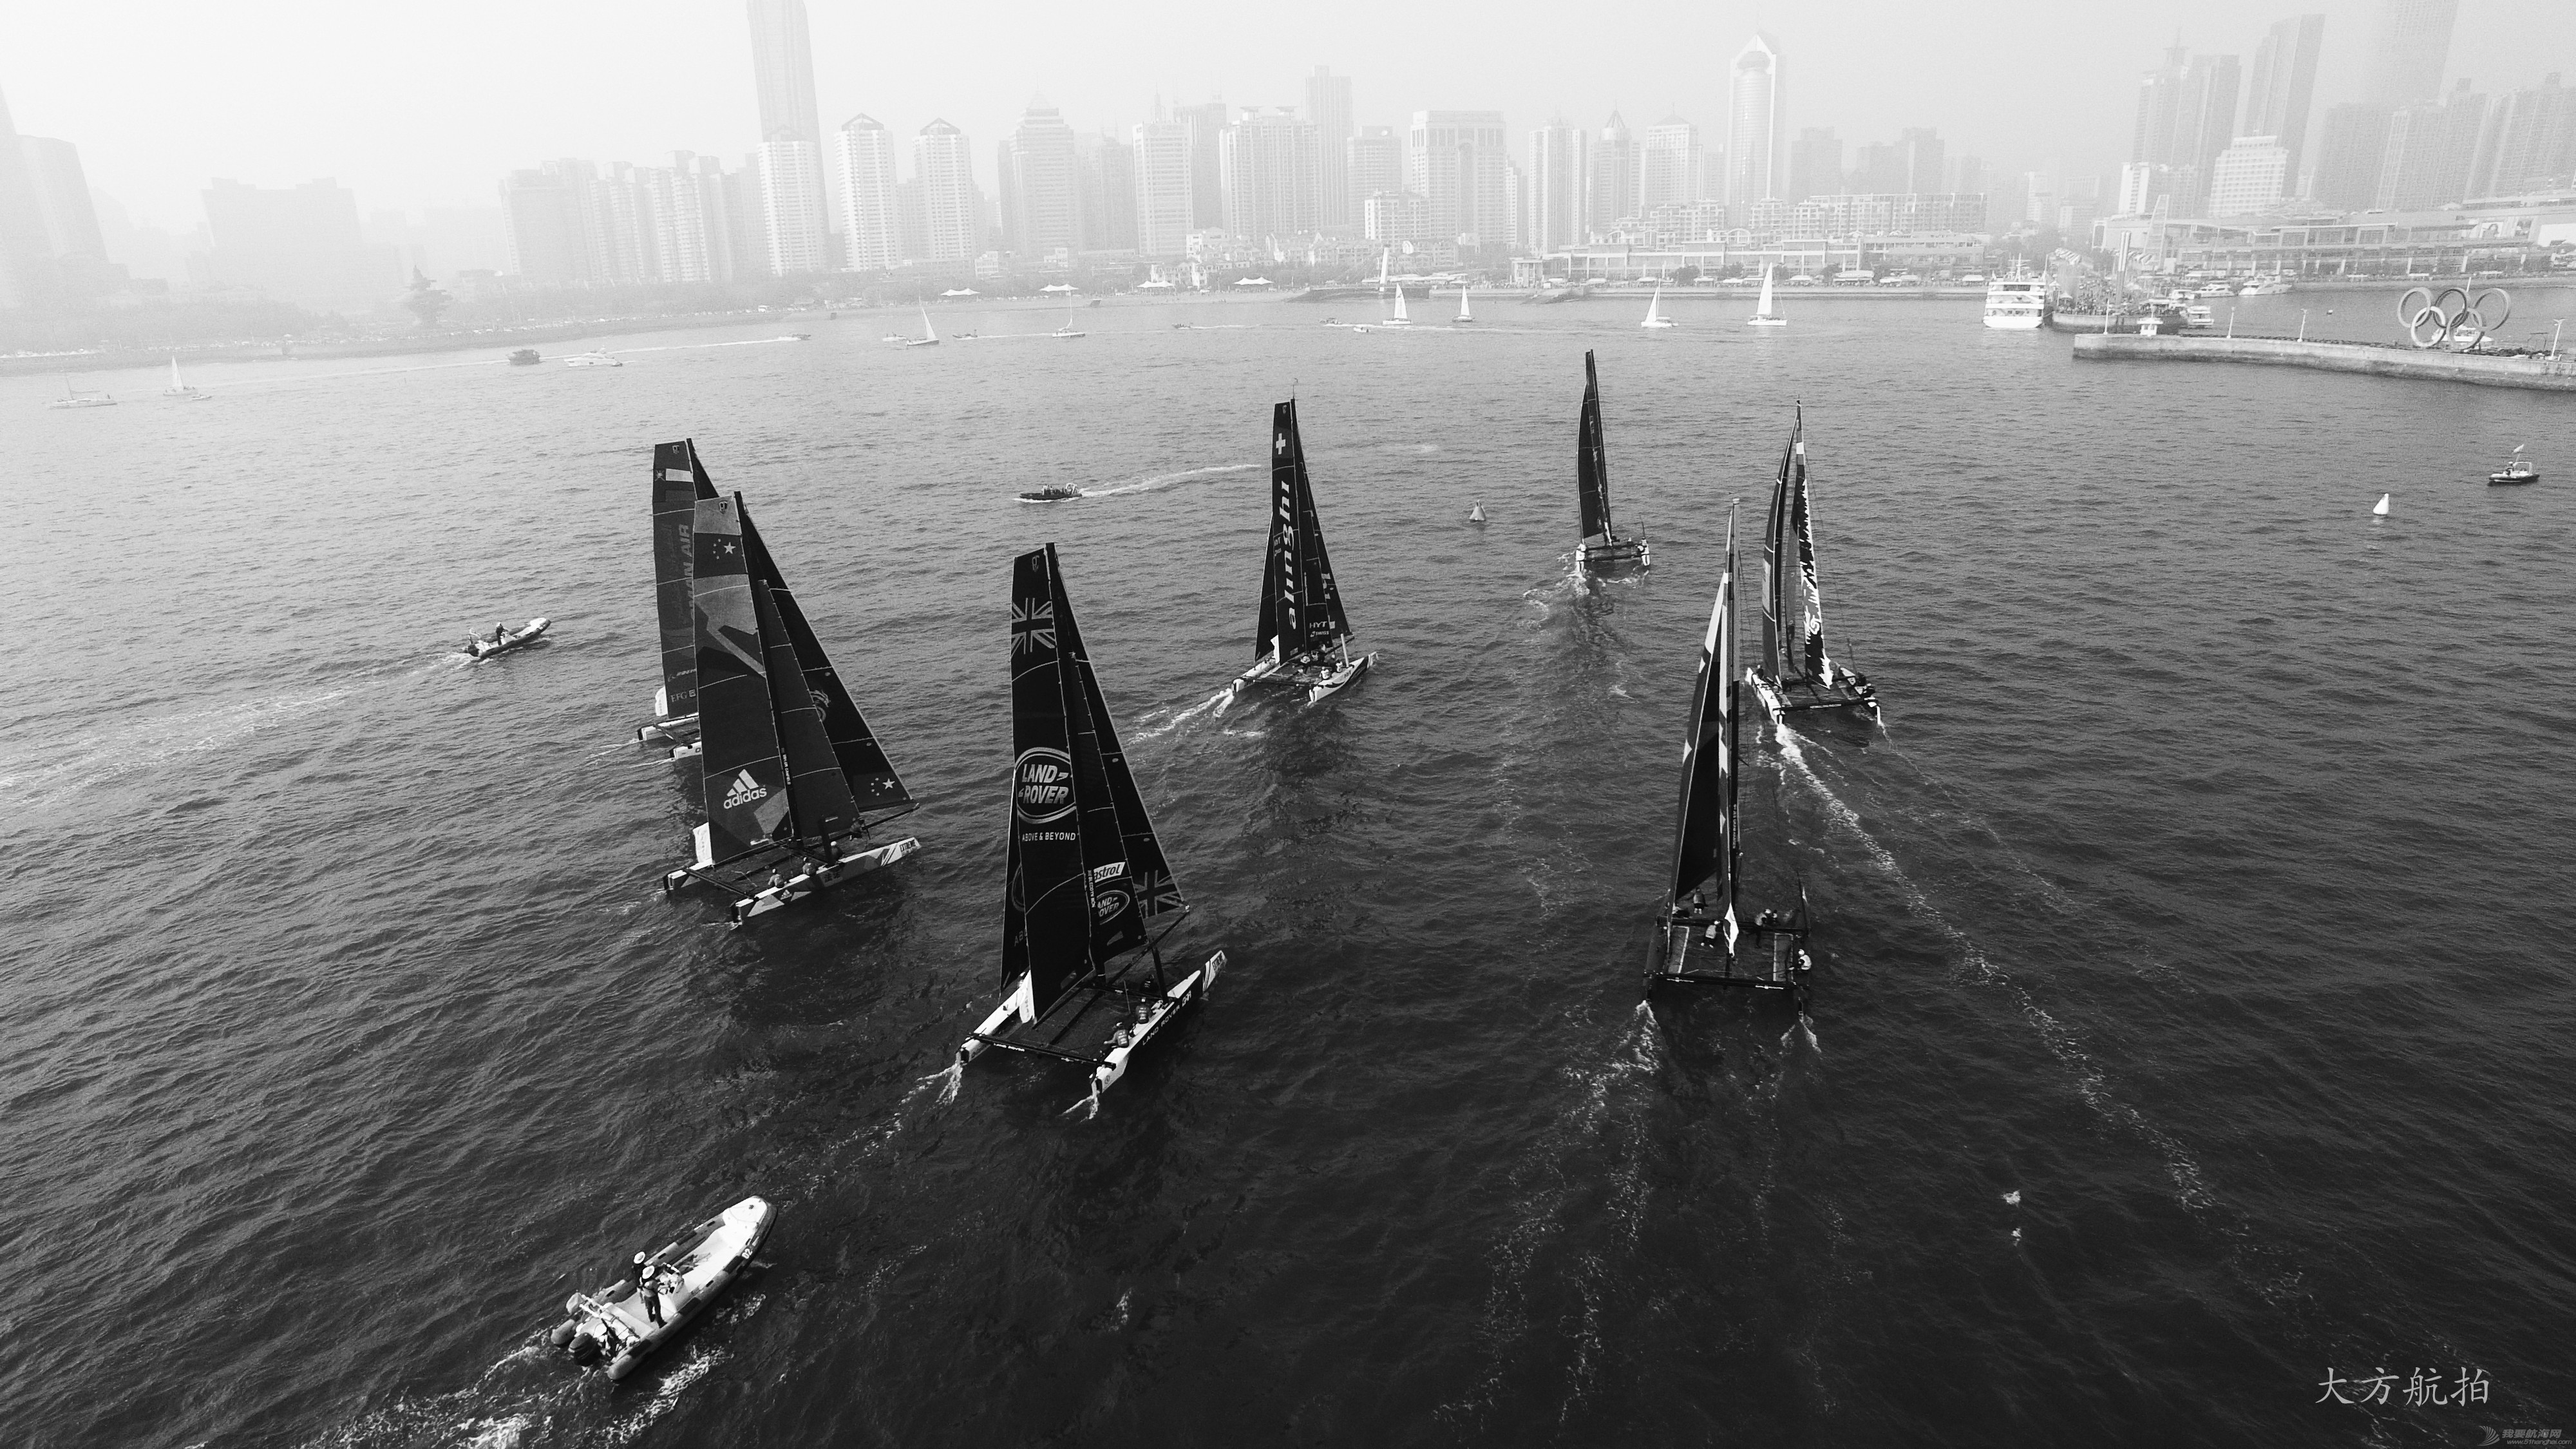 极限,摄影作品,系列赛,青岛,帆船 2016国际极限帆船系列赛青岛站--大方航拍 DJI_0295.jpg